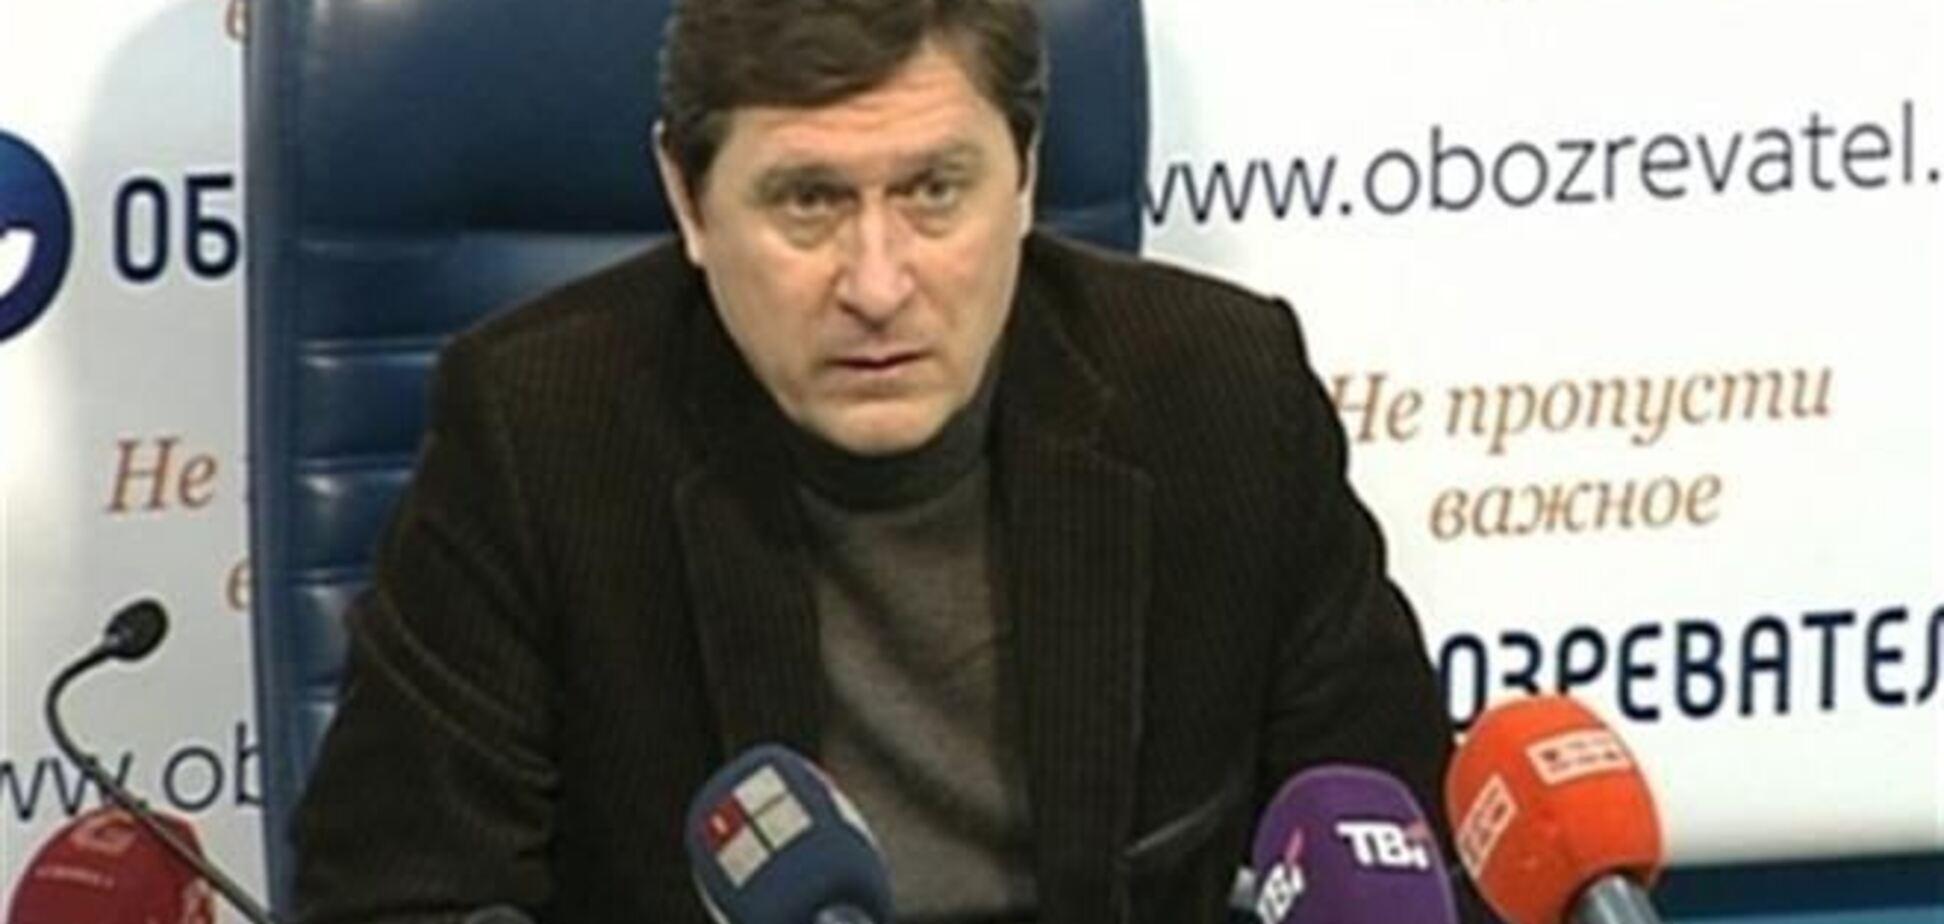 Чи стане Клюєв прем'єром, залежить від Майдану - Фесенко